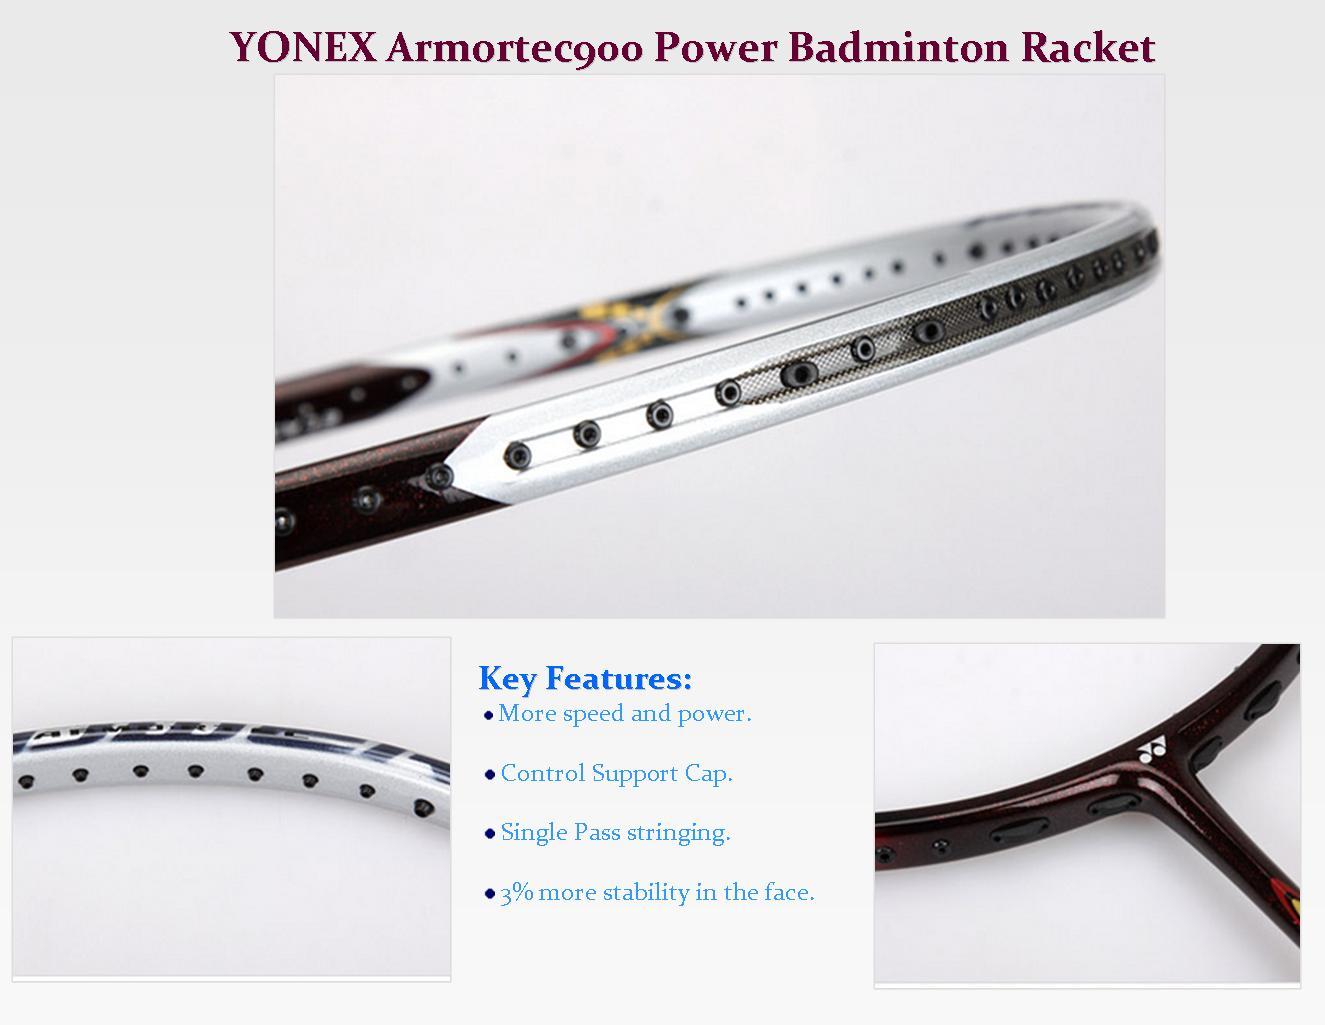 YONEX Armortec 900 Power and its Technology   khelmart ...